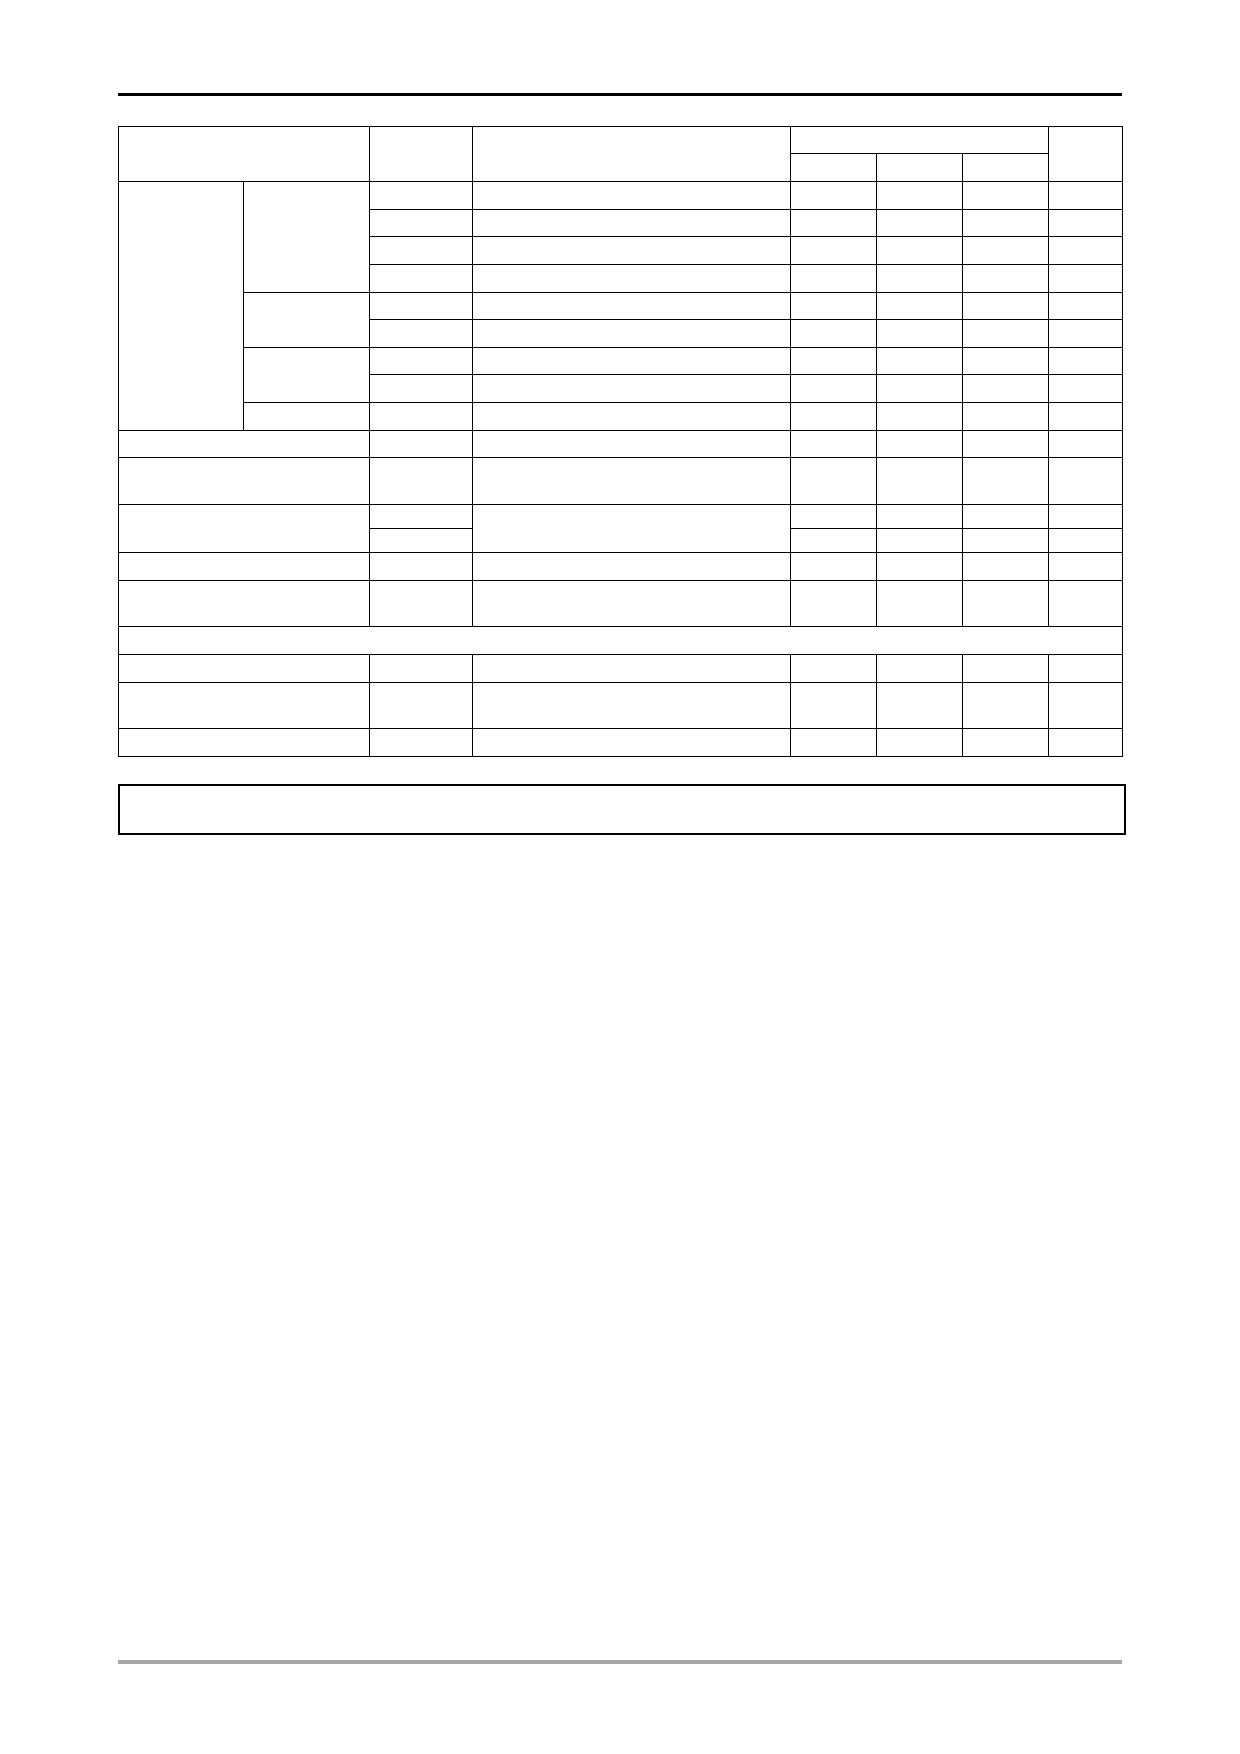 LV8702V pdf, ピン配列